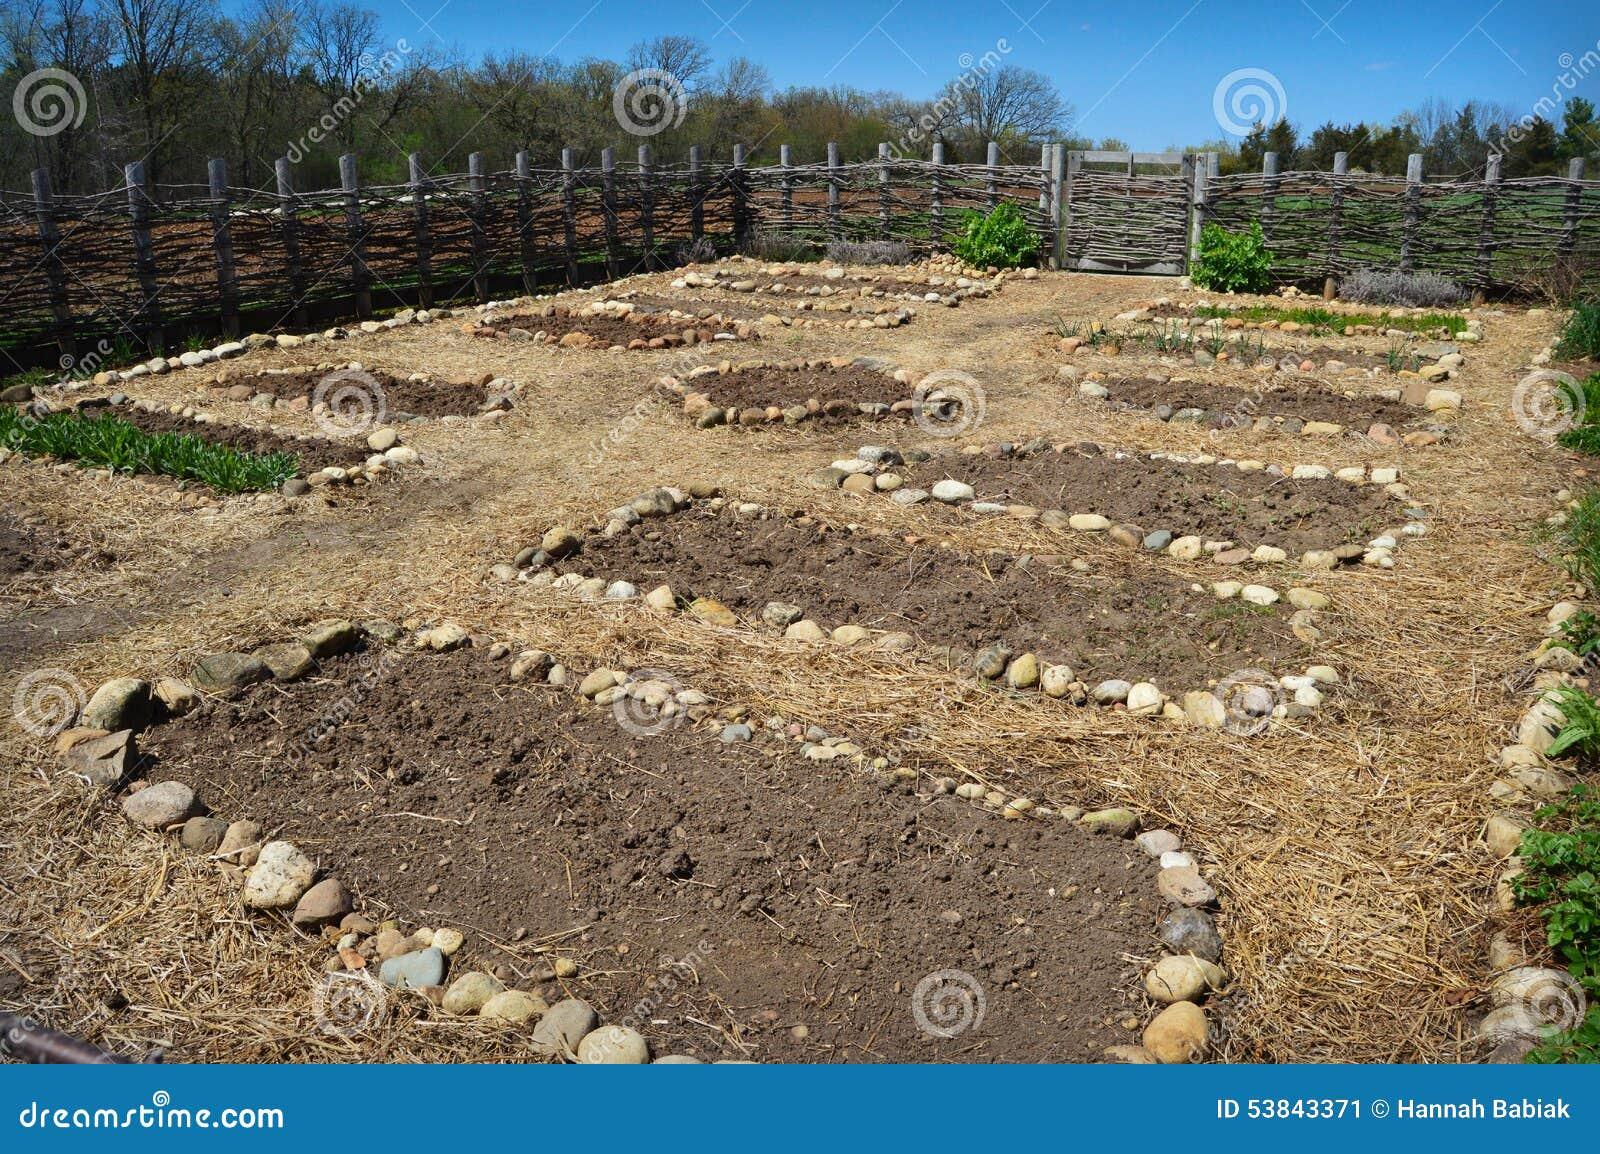 Jardines de piedras foto de archivo imagen 53843371 for Jardines de piedras